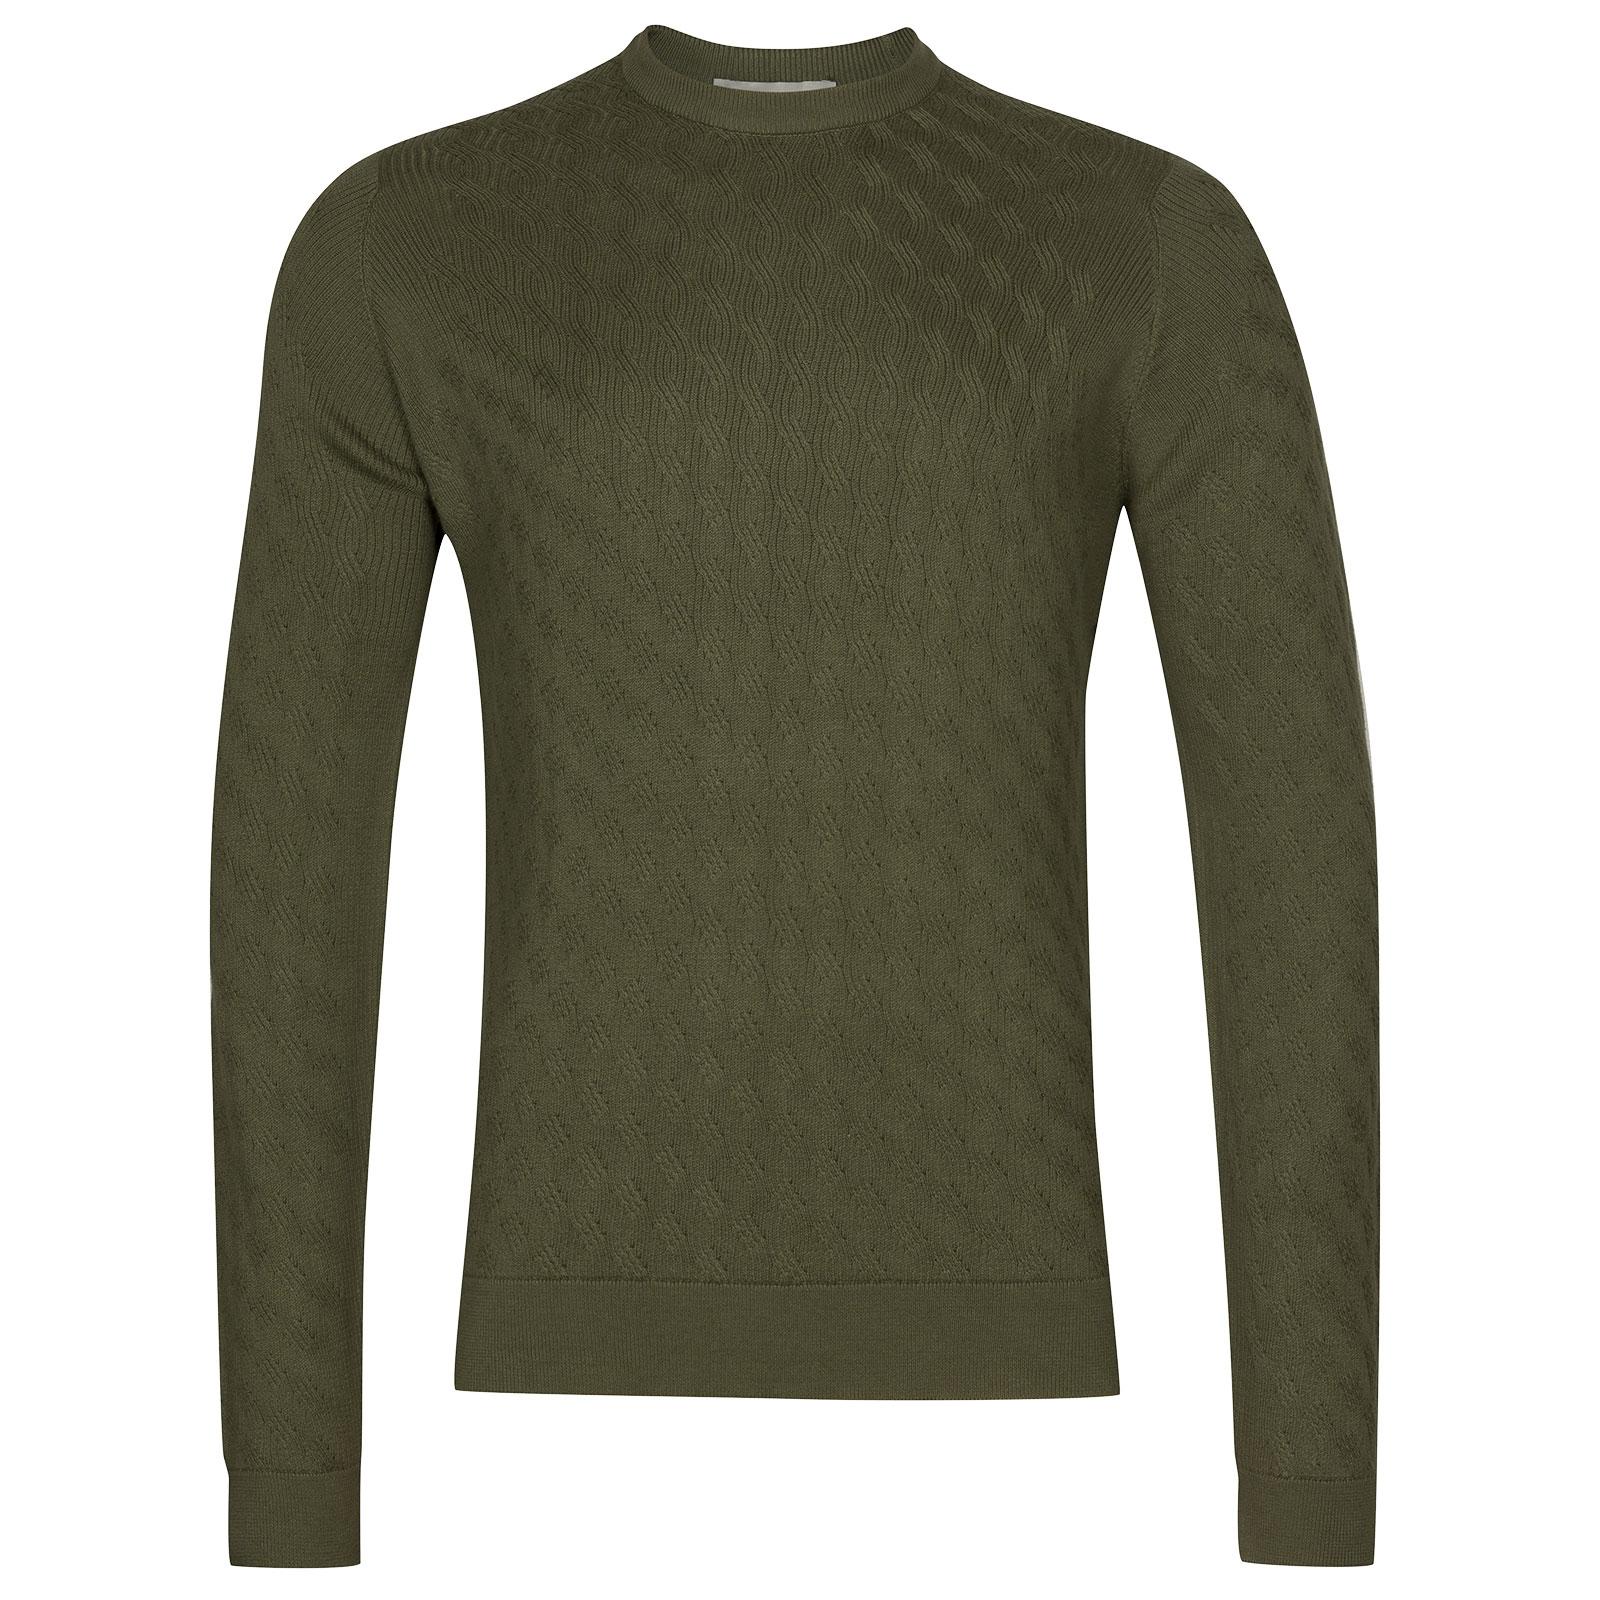 John Smedley Wicker in Sepal Green Pullover-MED